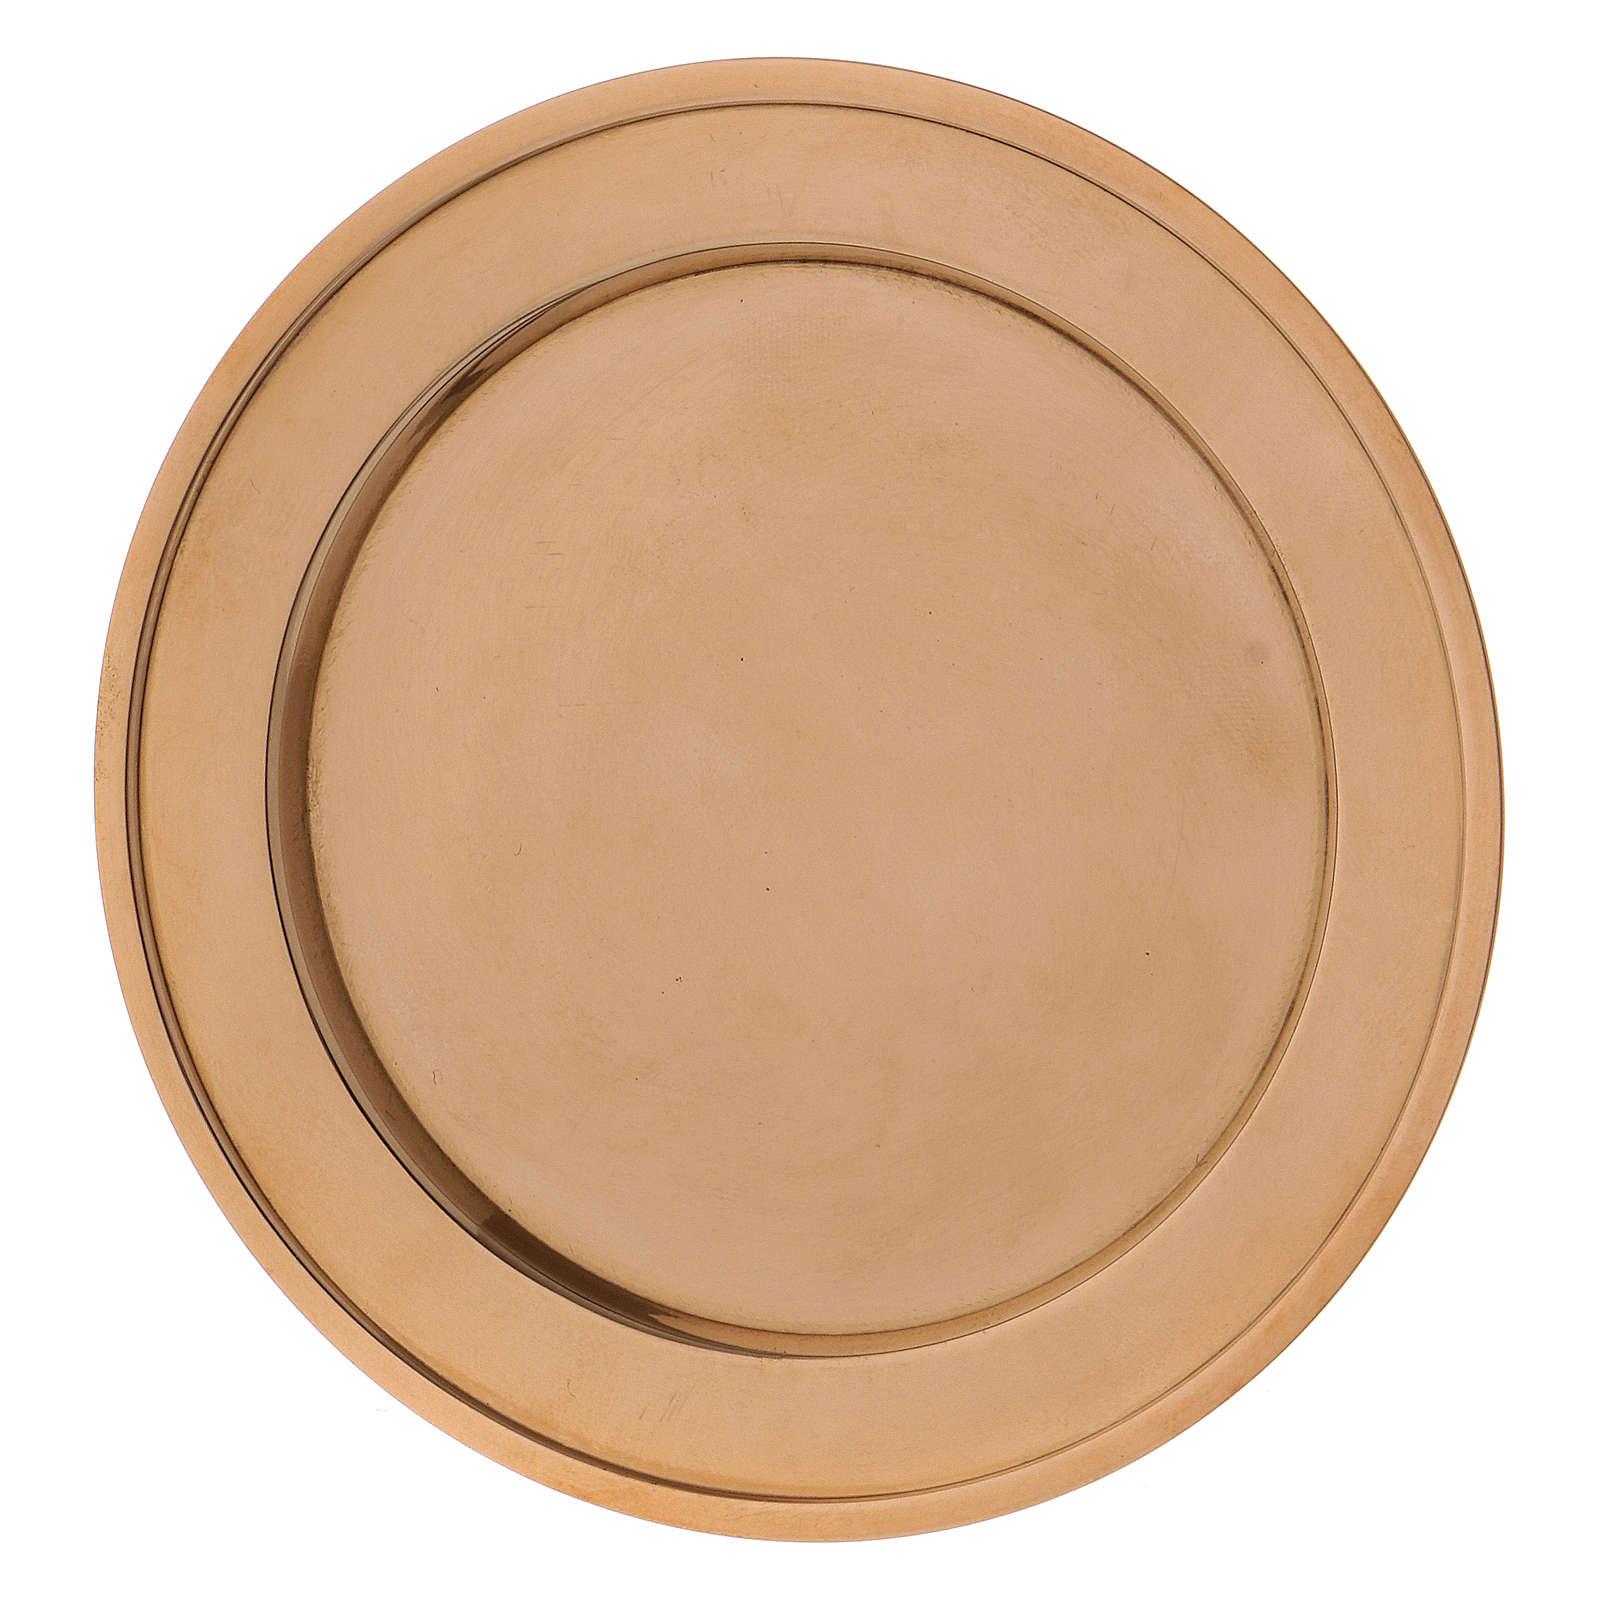 Plato portavela de latón dorado 3